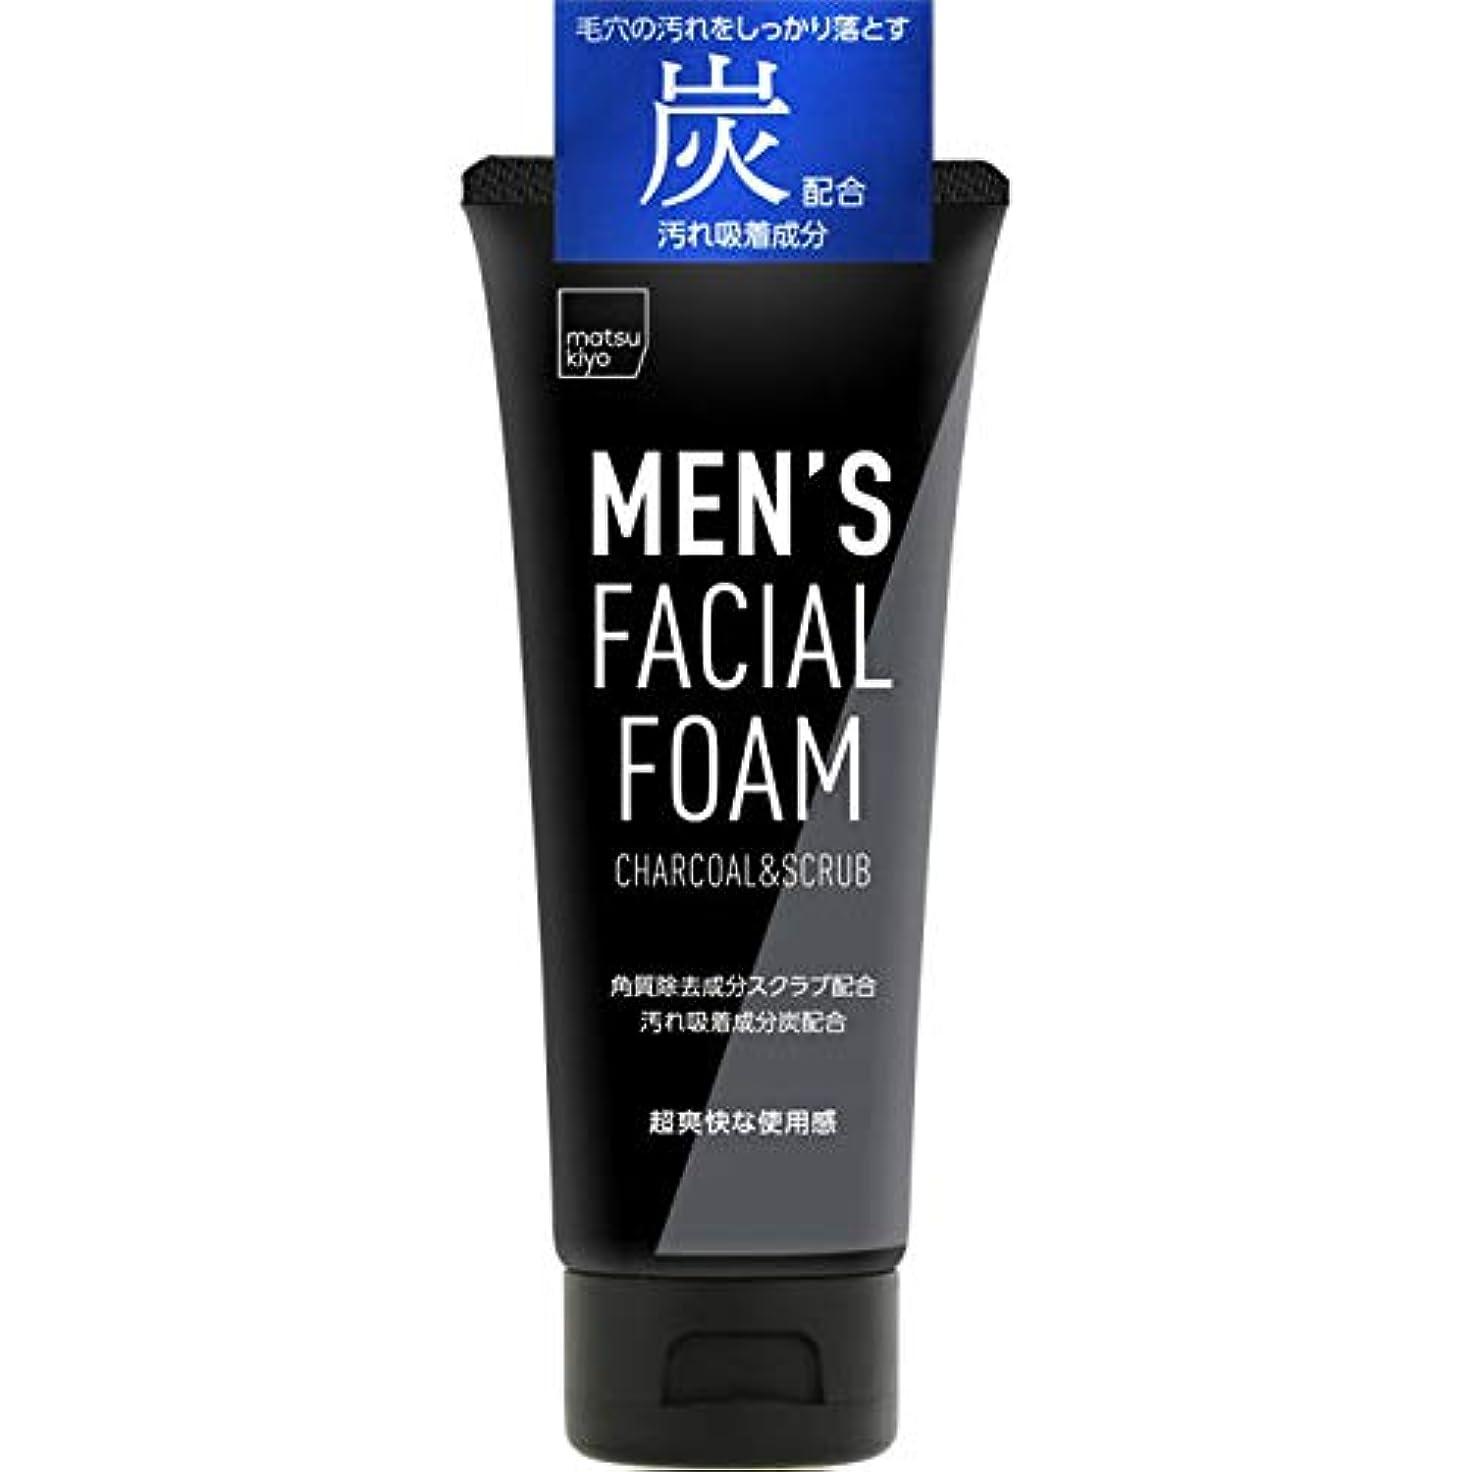 たまにレタッチ系統的熊野油脂 matsukiyo mk メンズスクラブ洗顔フォーム 炭配合 130g